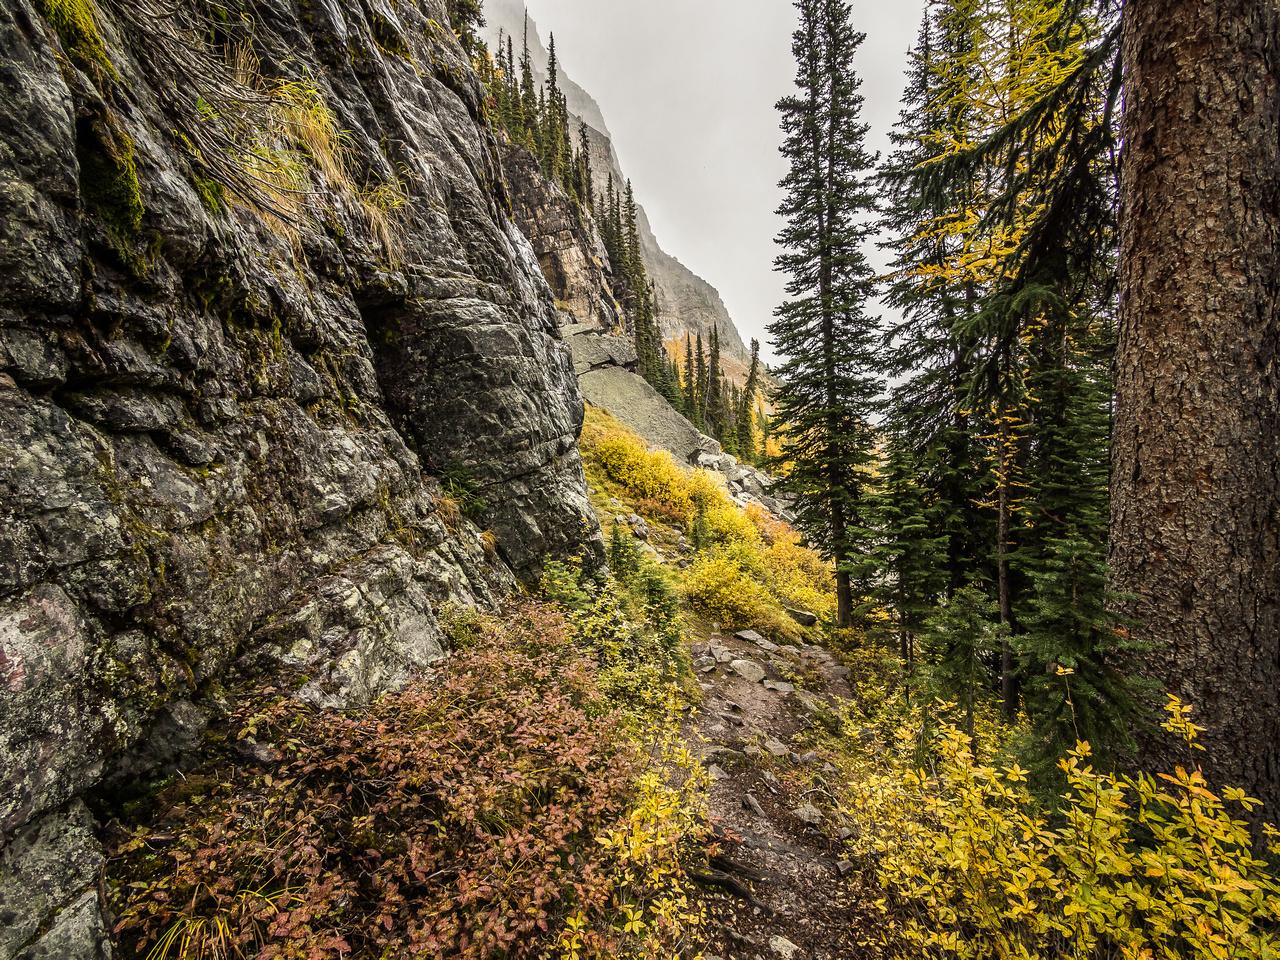 The descent trail.